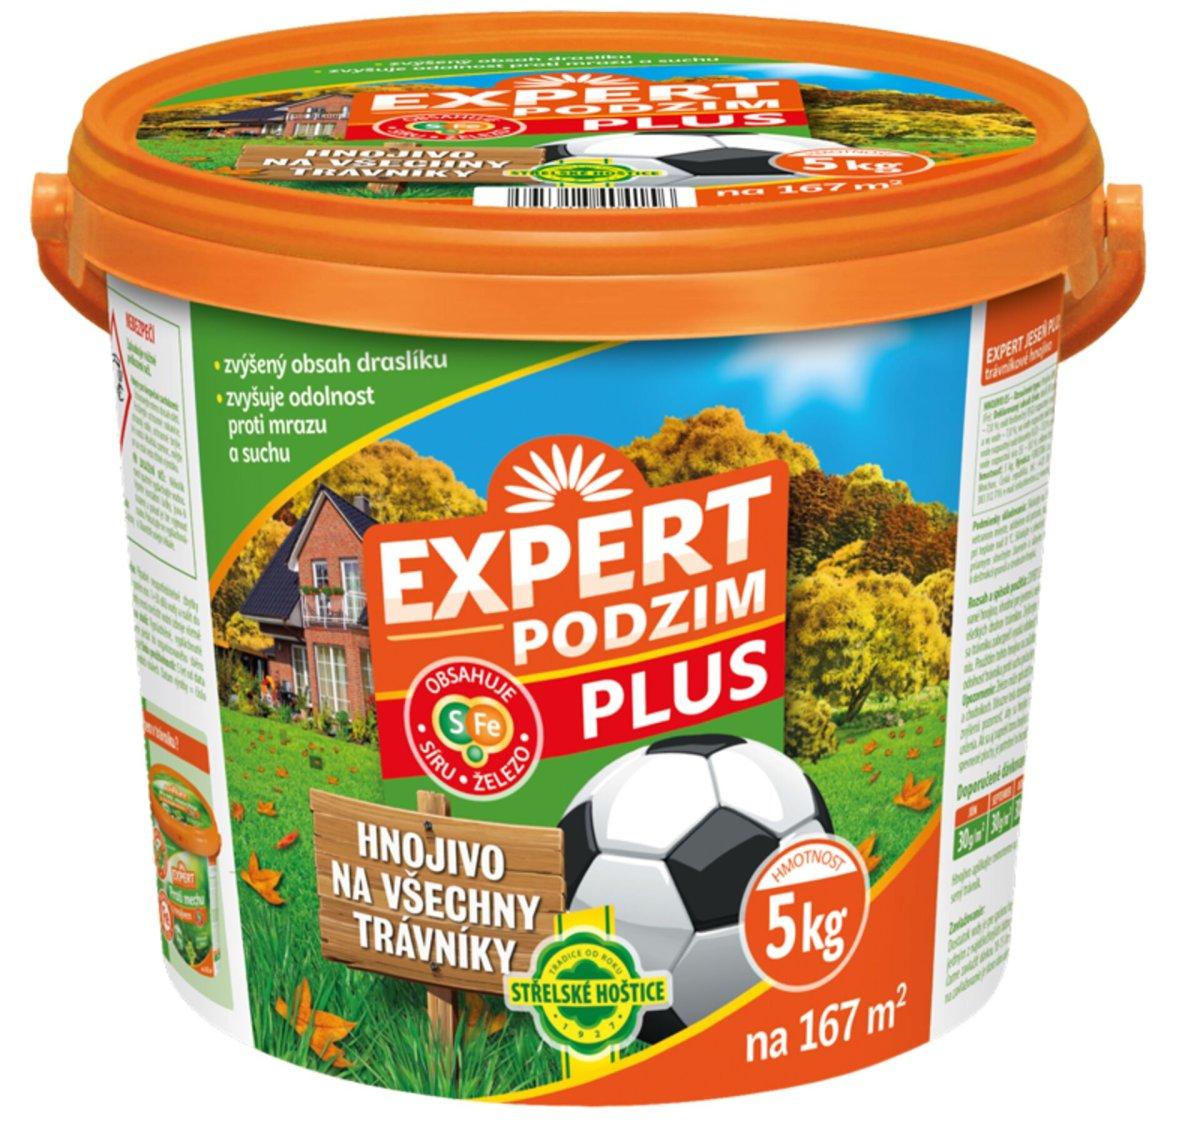 Hnojivo trávníkové - Expert podzim Plus 5 kg kbelík